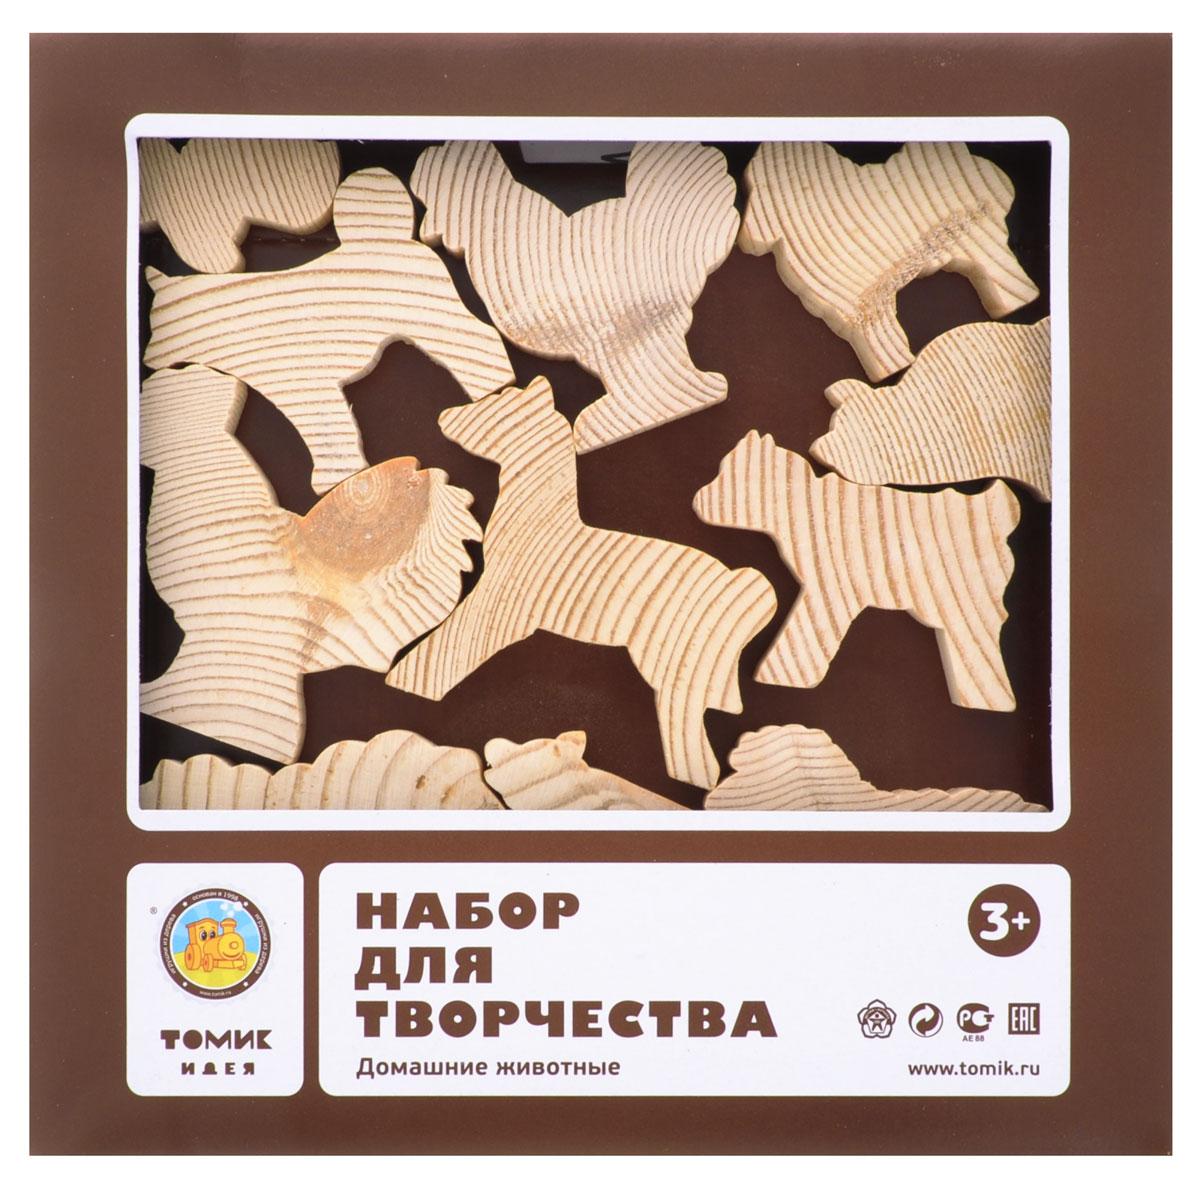 Томик Конструктор Домашние животные801Фигурки из конструктора Томик Домашние животные можно раскрашивать красками и карандашами, украшать с помощью всевозможных подручных материалов: пластилина, ниток, крупы и цветной бумаги. Их можно использовать в сюжетных играх или в качестве украшения для дома. Вместе с детьми вы можете составлять творческие композиции, используя вложенные картинки для раскрашивания, или придумывать свои собственные сюжеты. Оживляя каждое животное ребенок развивает фантазию, воображение, творческие способности, расширяет кругозор, а также учится рисовать, лепить, клеить и придумывать новых животных. В наборе 11 деревянных фигурок. Игрушки, изготовленные своими руками - прекрасный подарок к любому празднику.